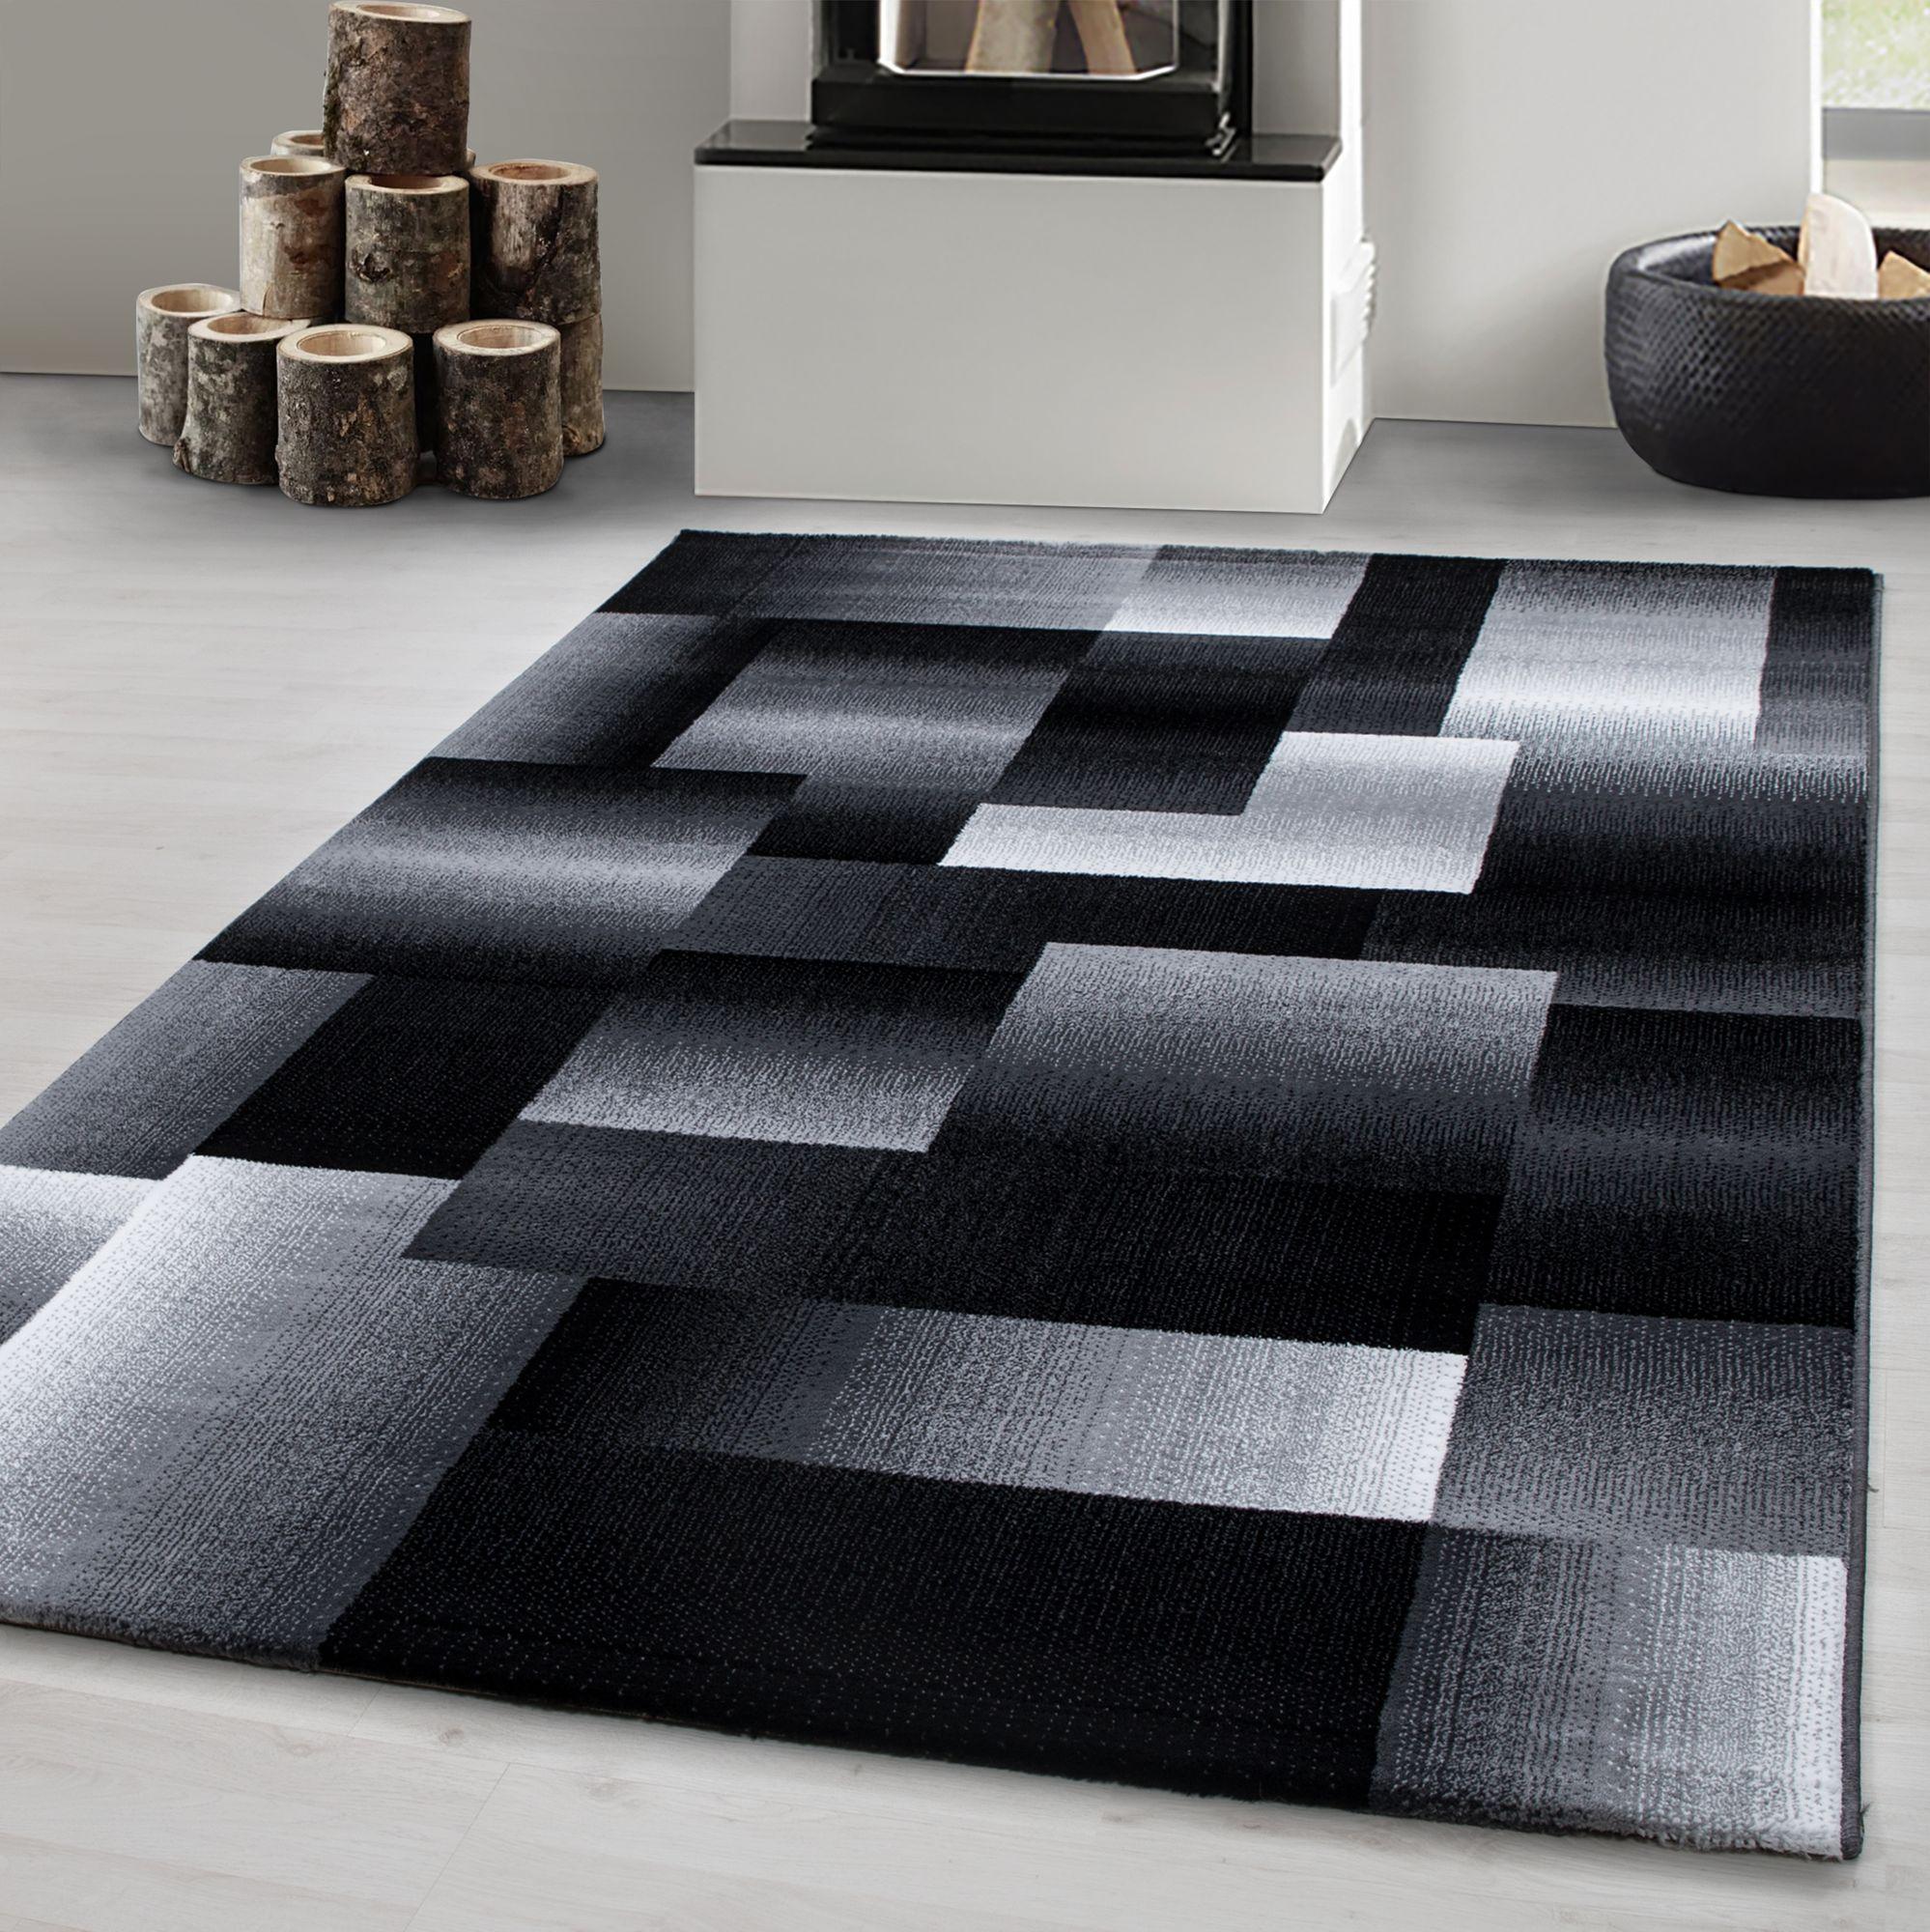 Teppich Modern Designer Wohnzimmer Abstrakt Kariert Muster Schwarz